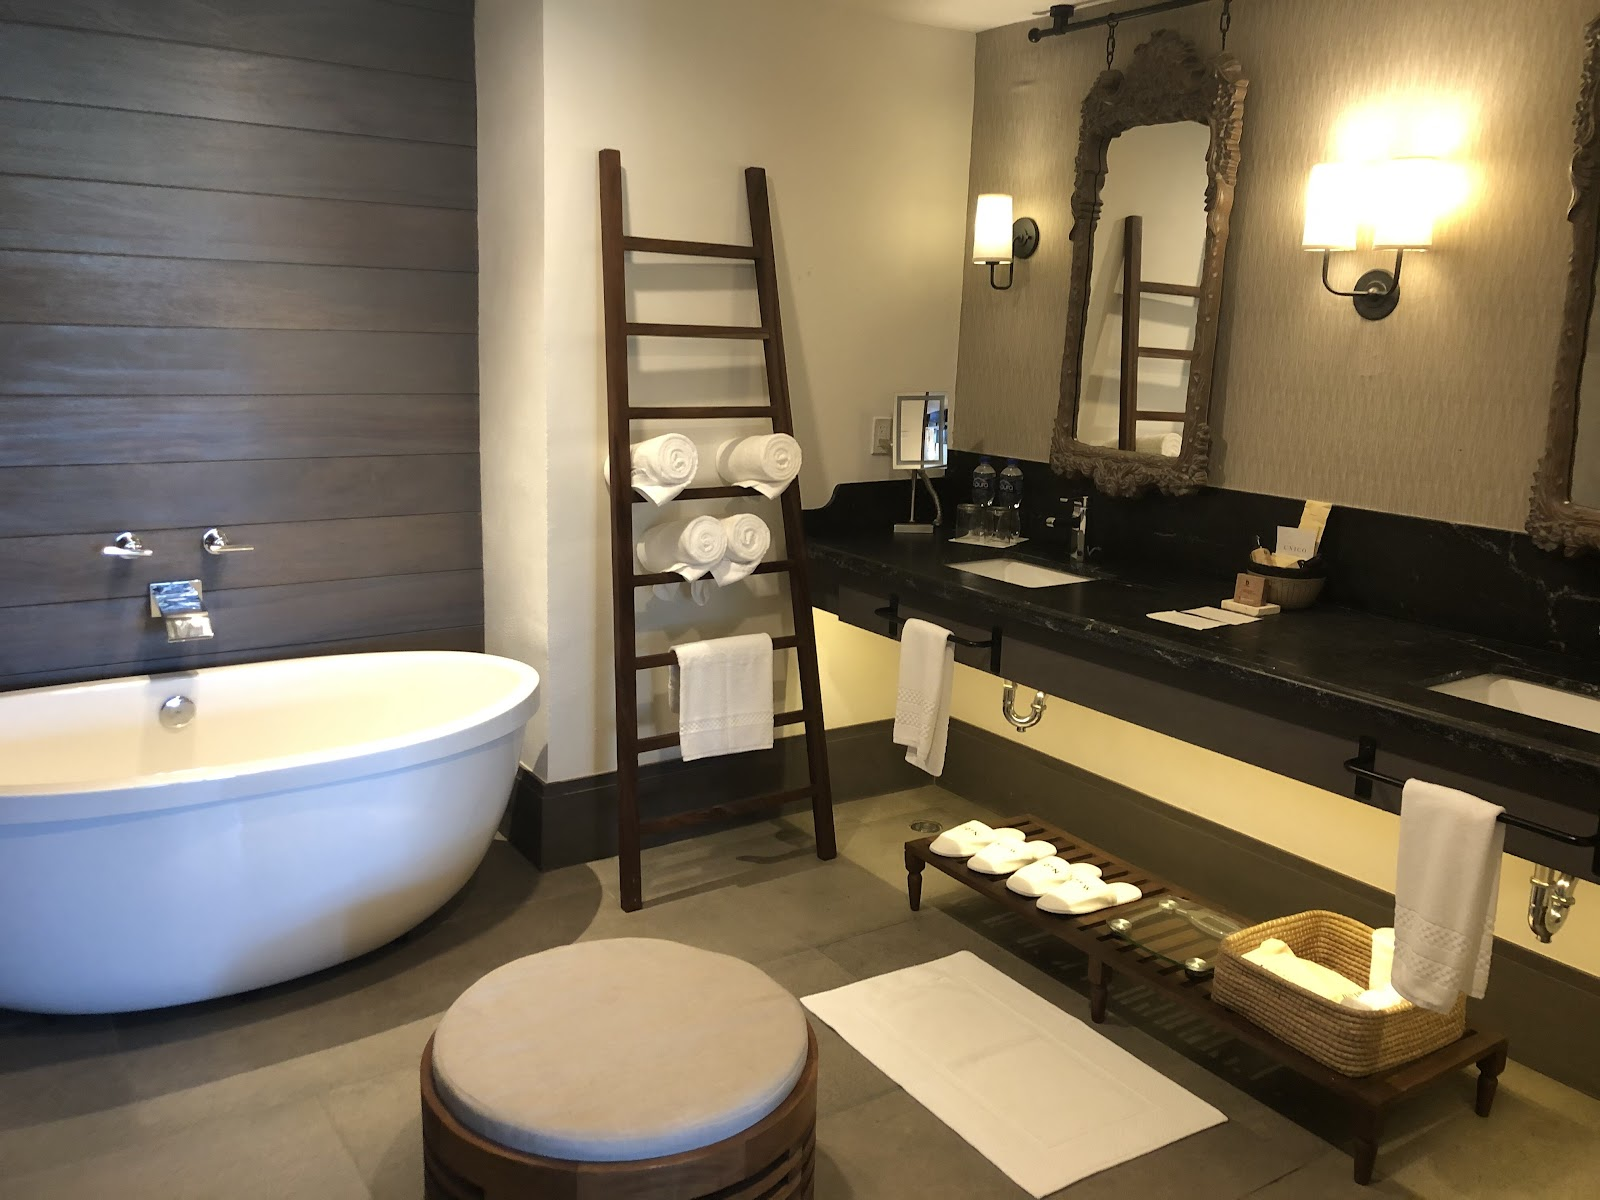 Estancia Suite Bathroom